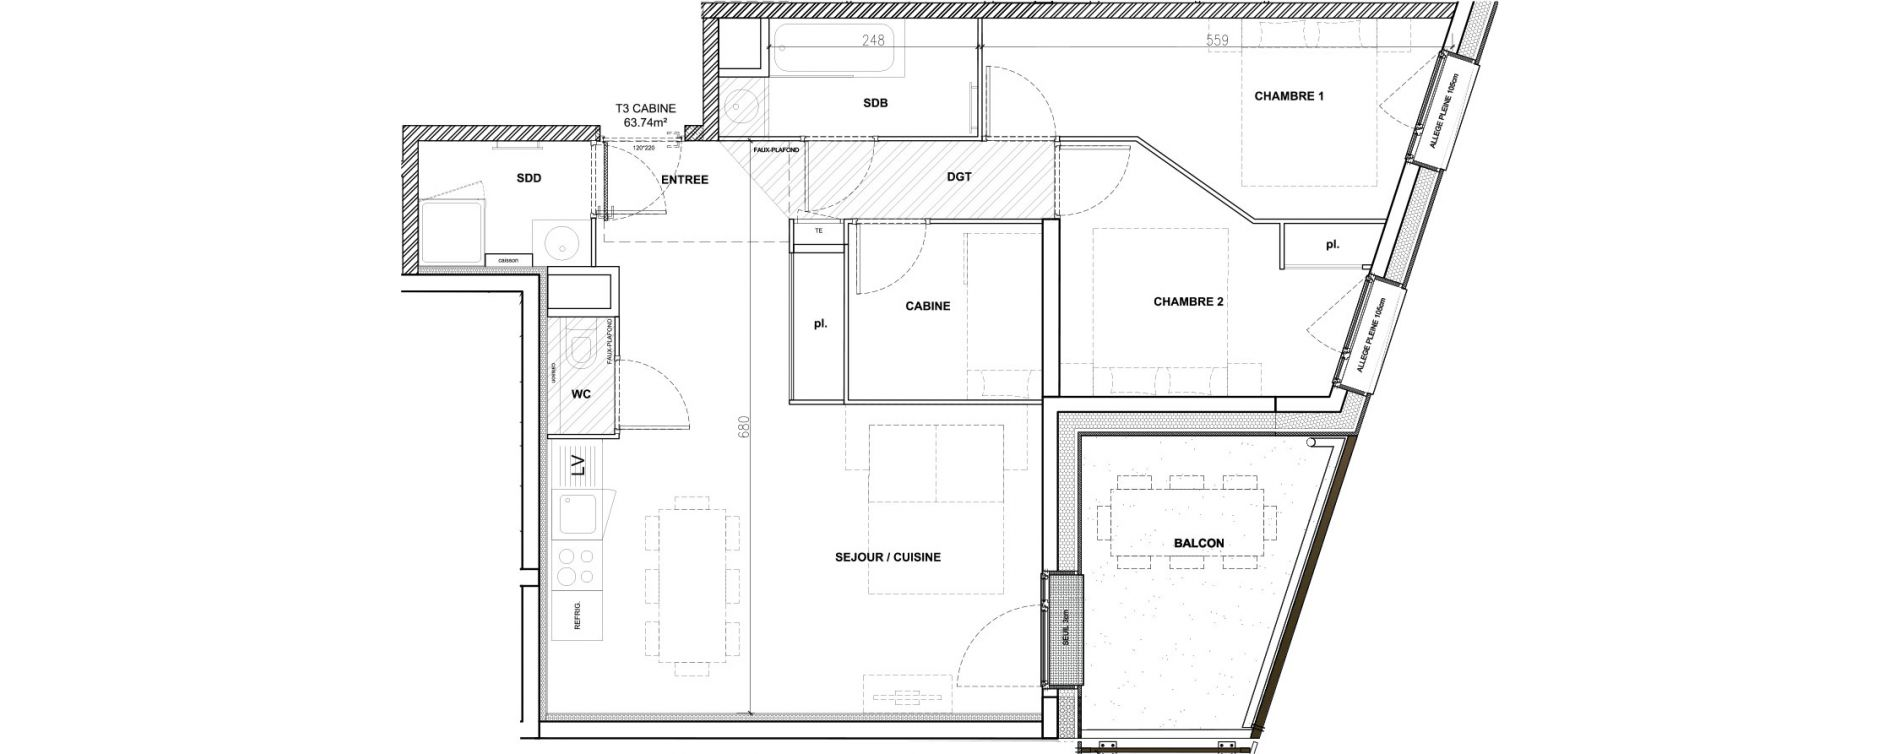 Appartement T3 meublé de 63,74 m2 à Mont-De-Lans Centre